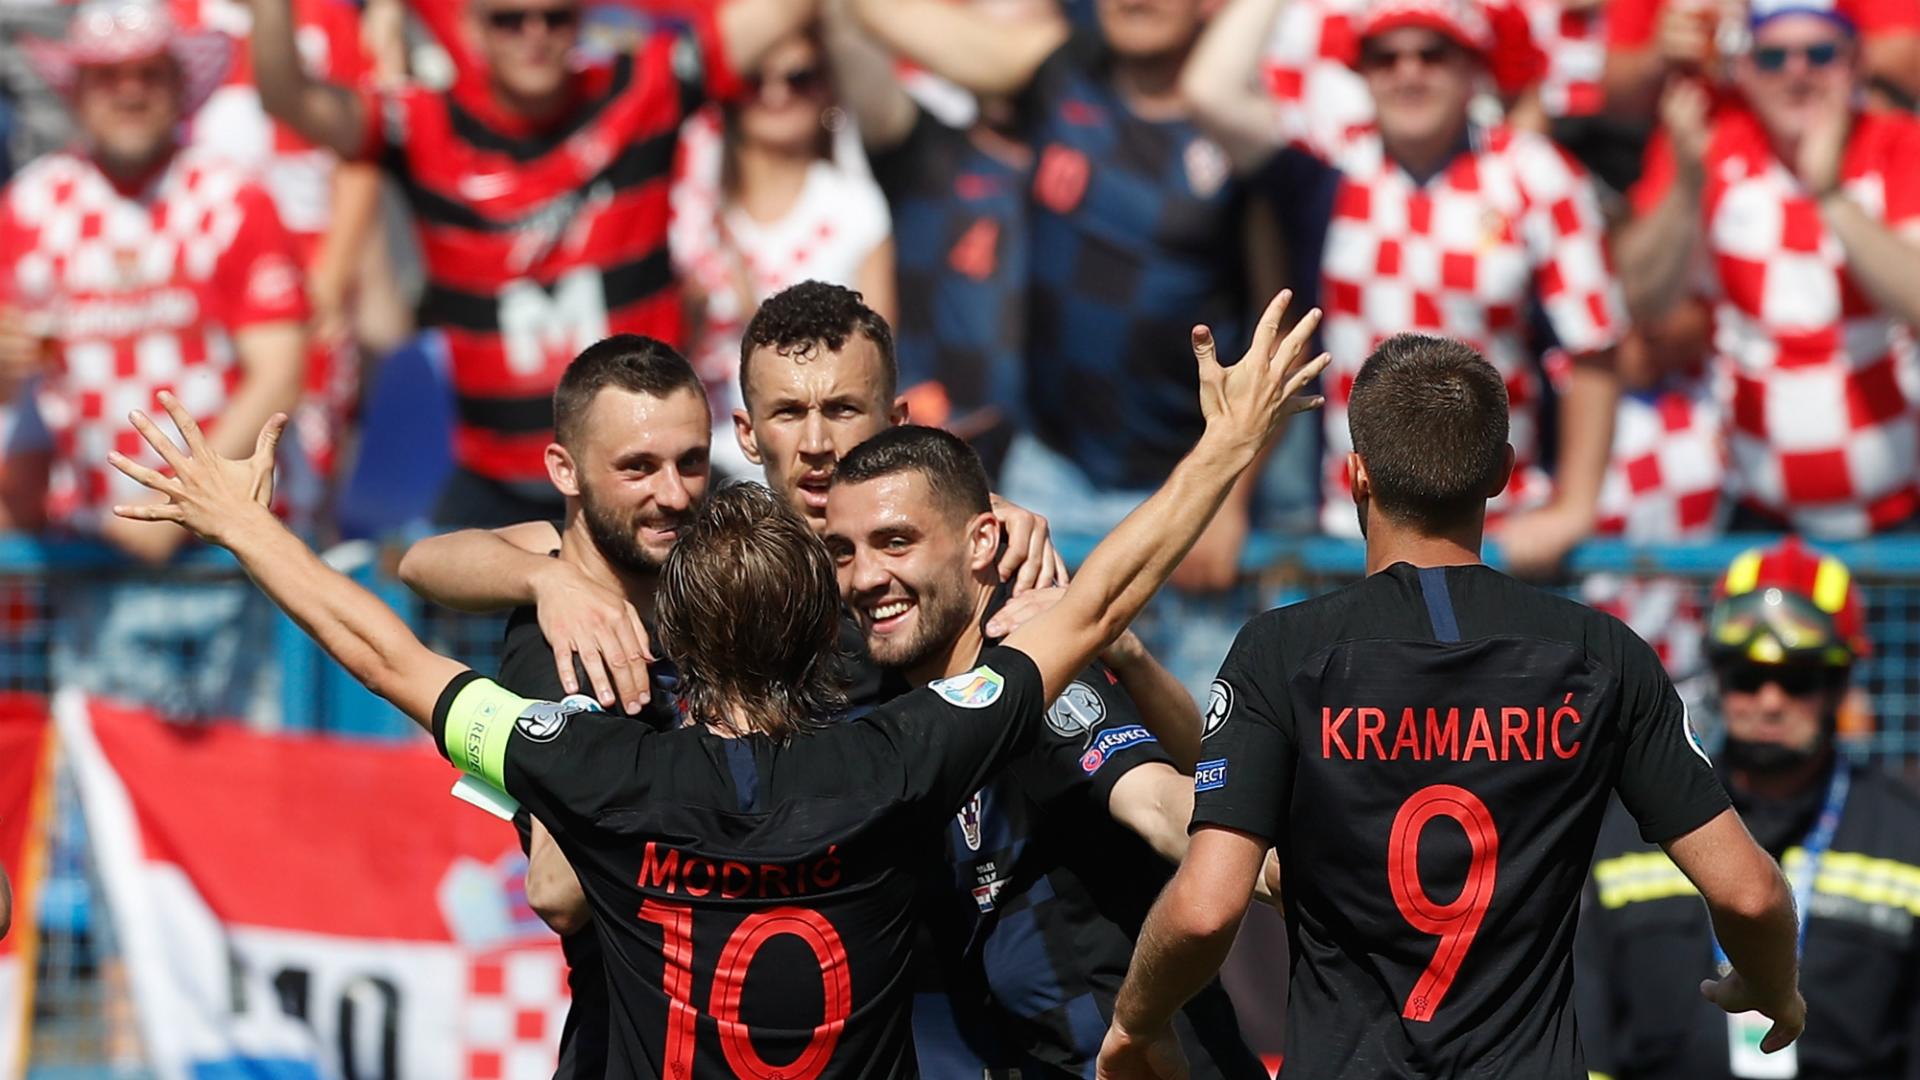 Italien Kroatien Live Stream